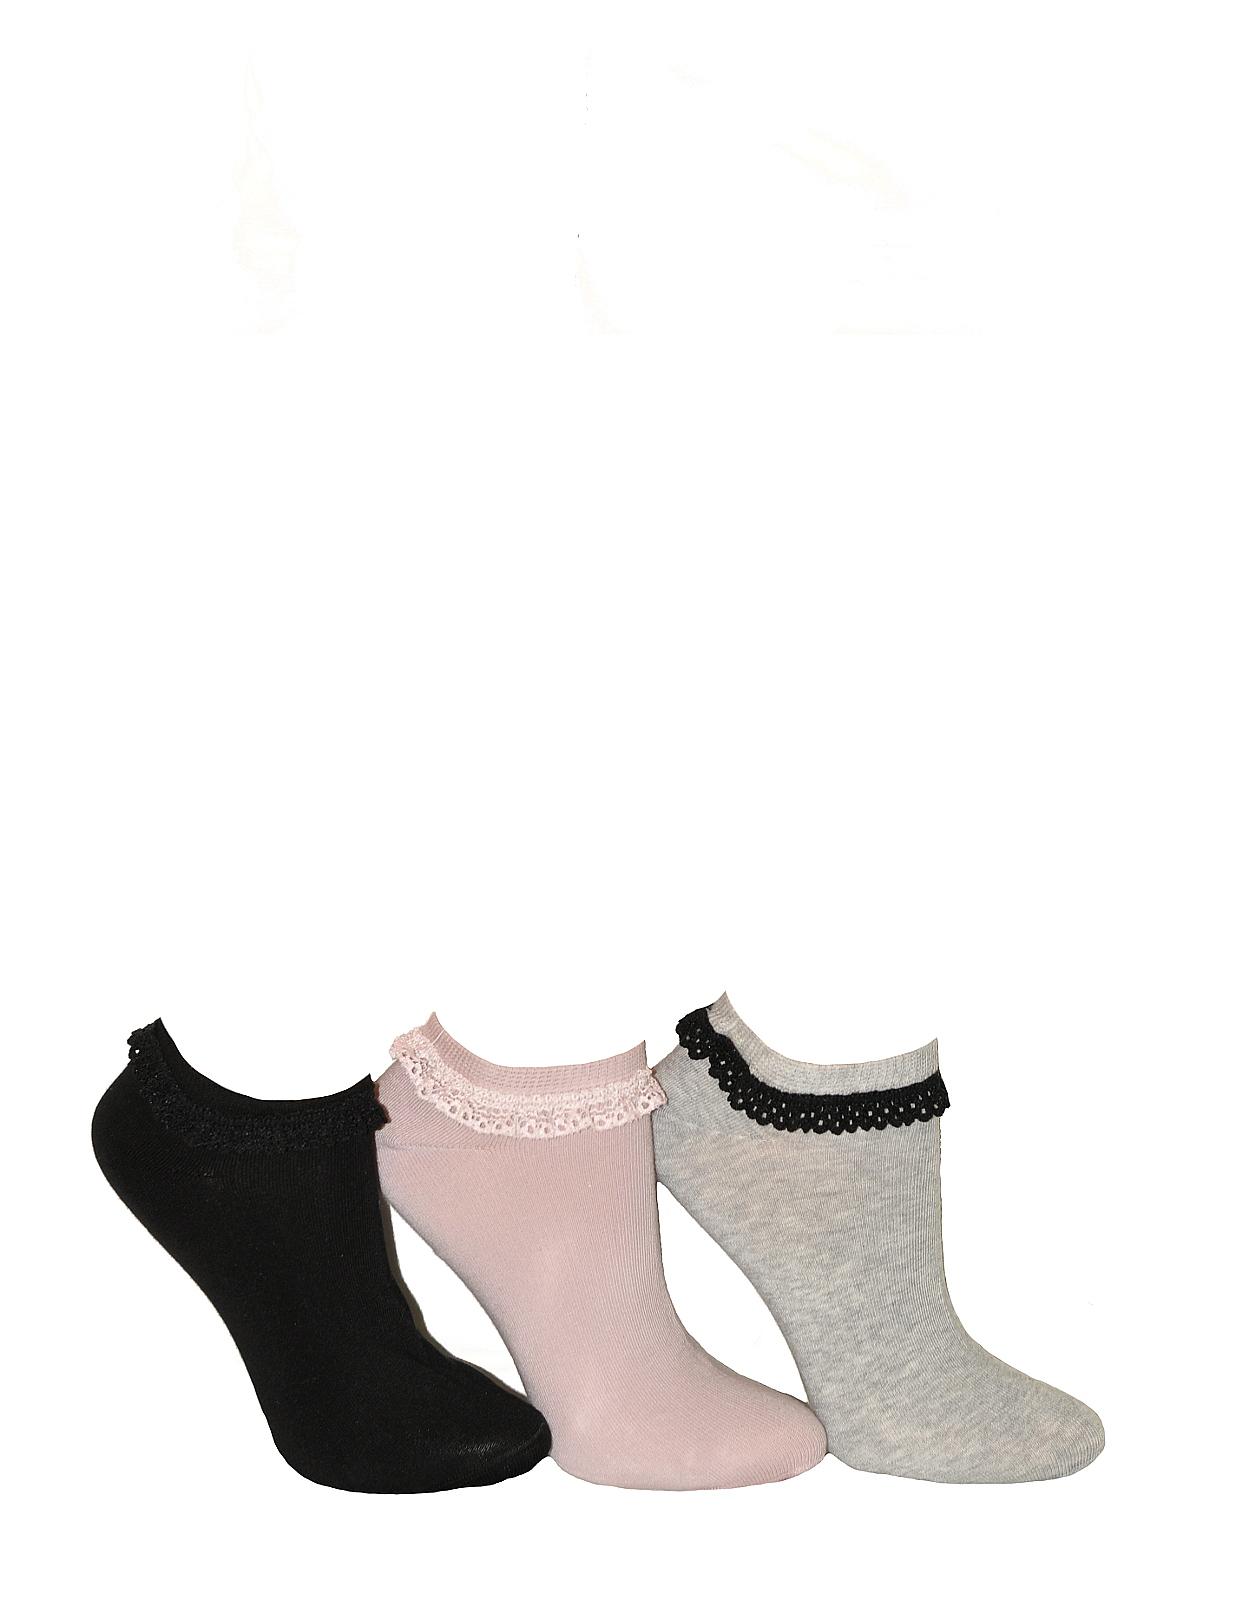 4f32cdff681 Ponožky Milena s krajkou 941 - Pudrově růžová 37-41